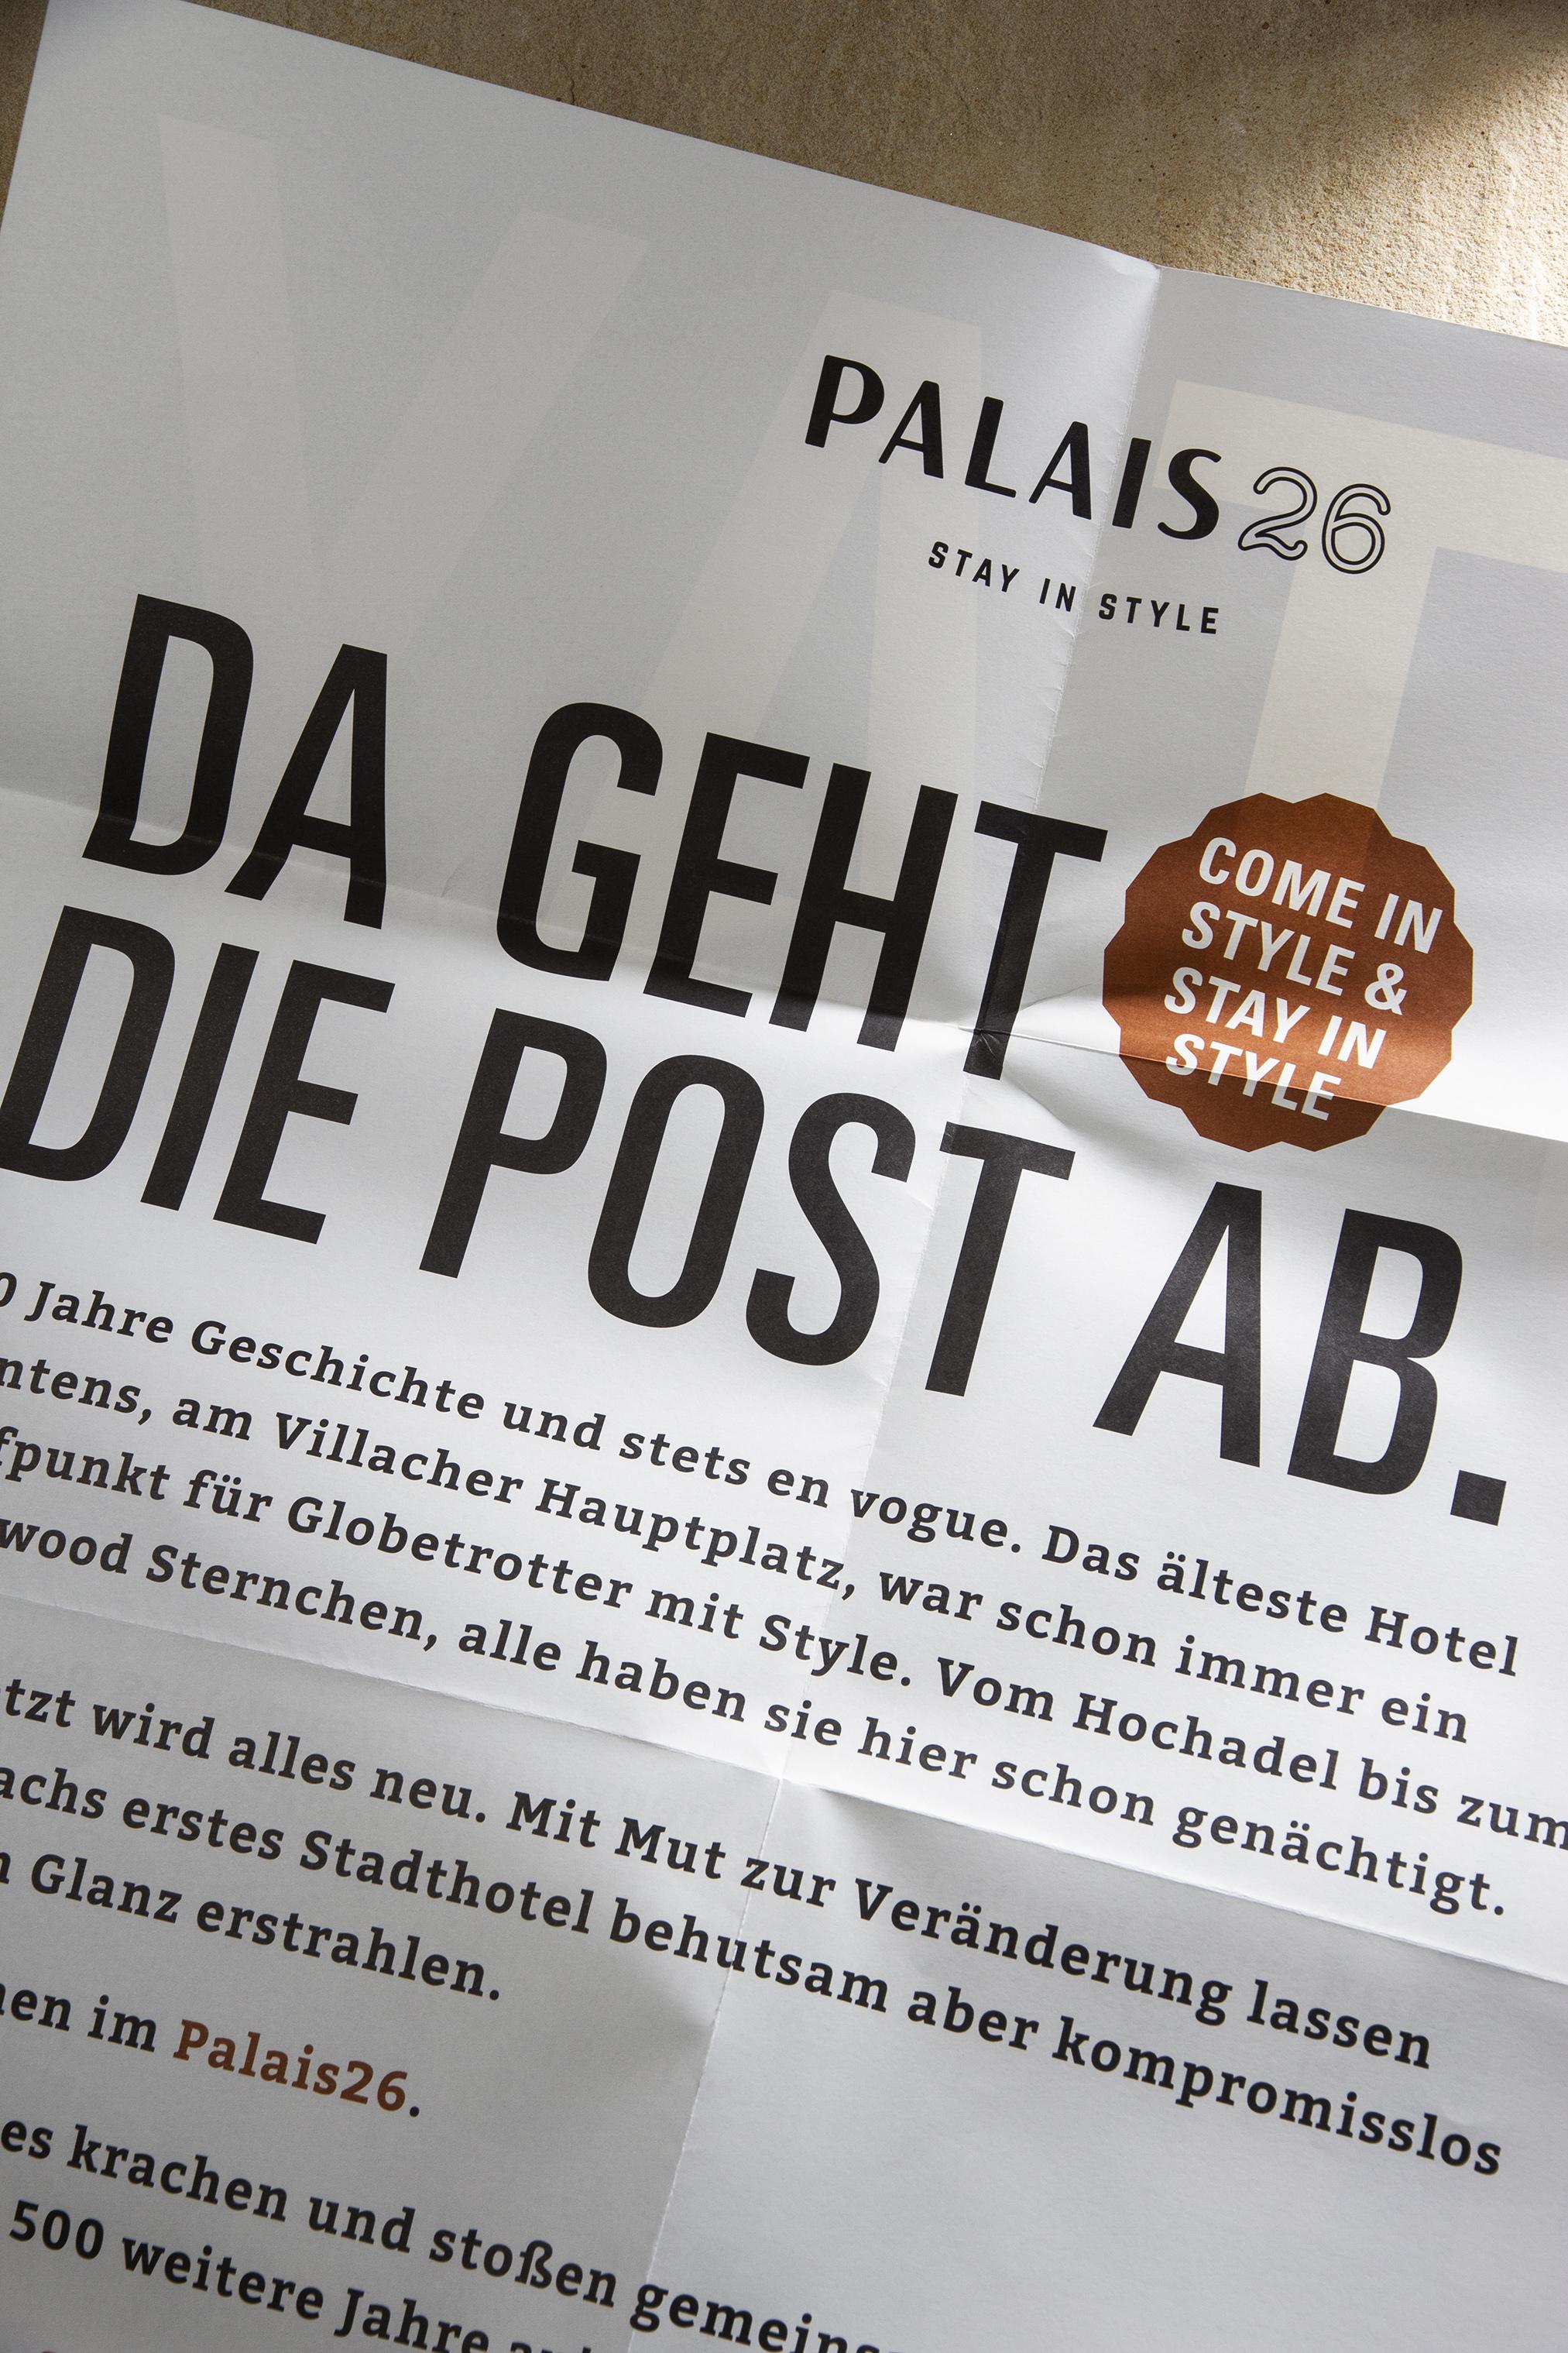 Palais26 9